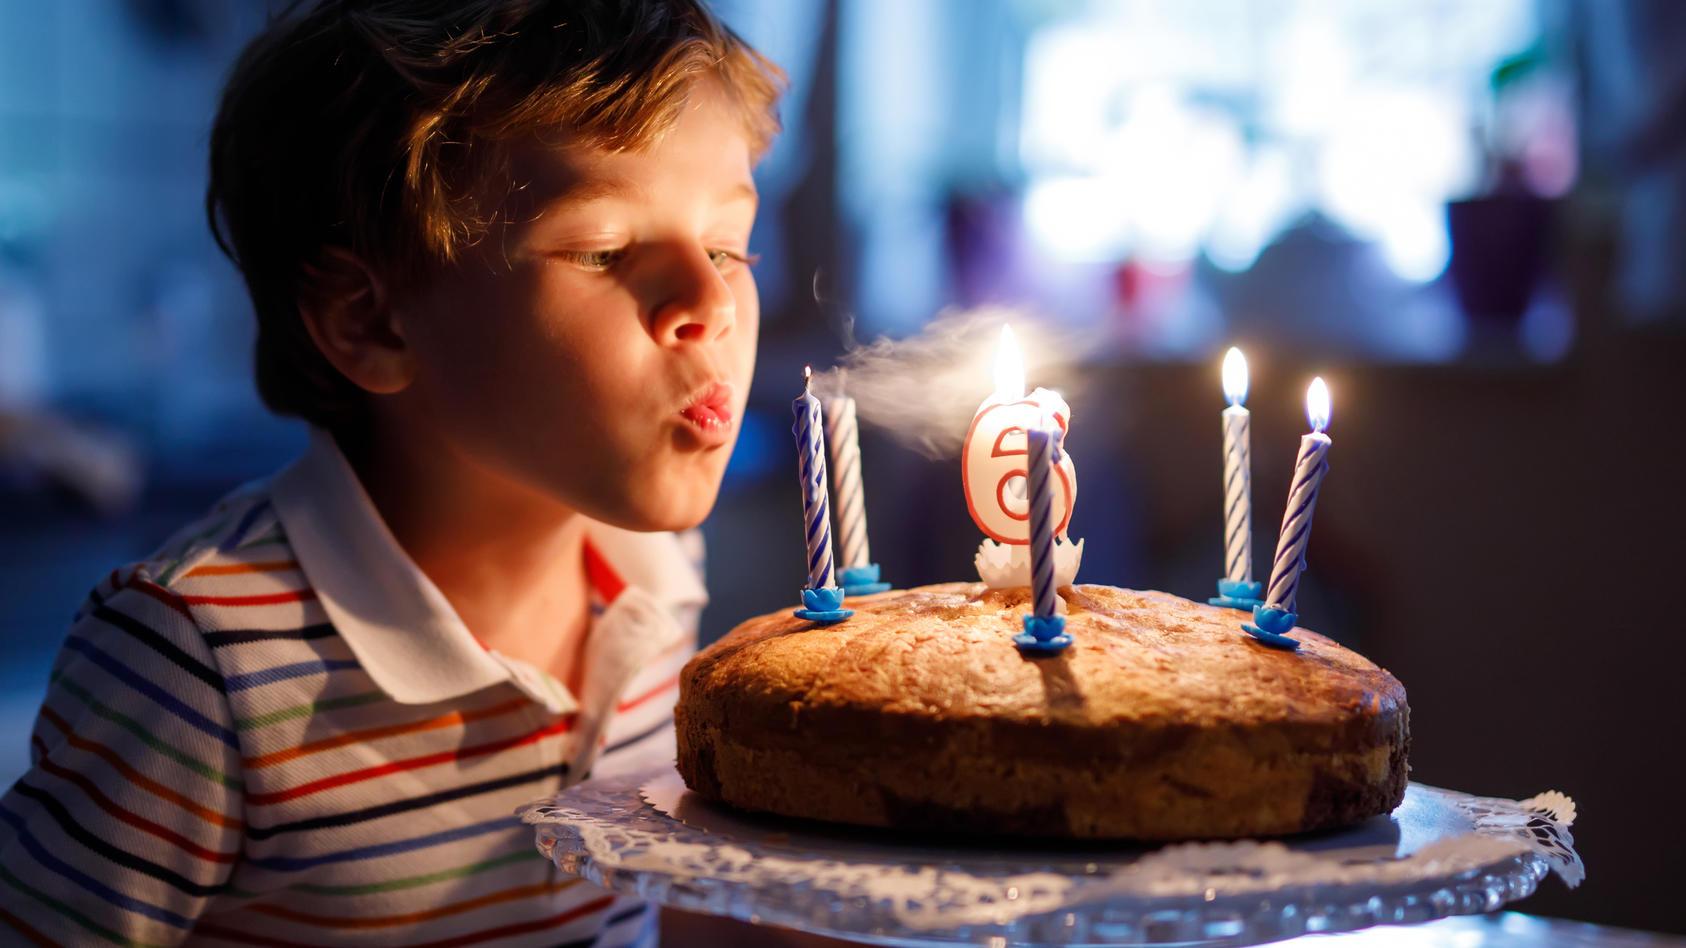 Kindergeburtstag in Zeiten von Corona: Auch ohne Party kann's schön sein. (Symbolfoto)